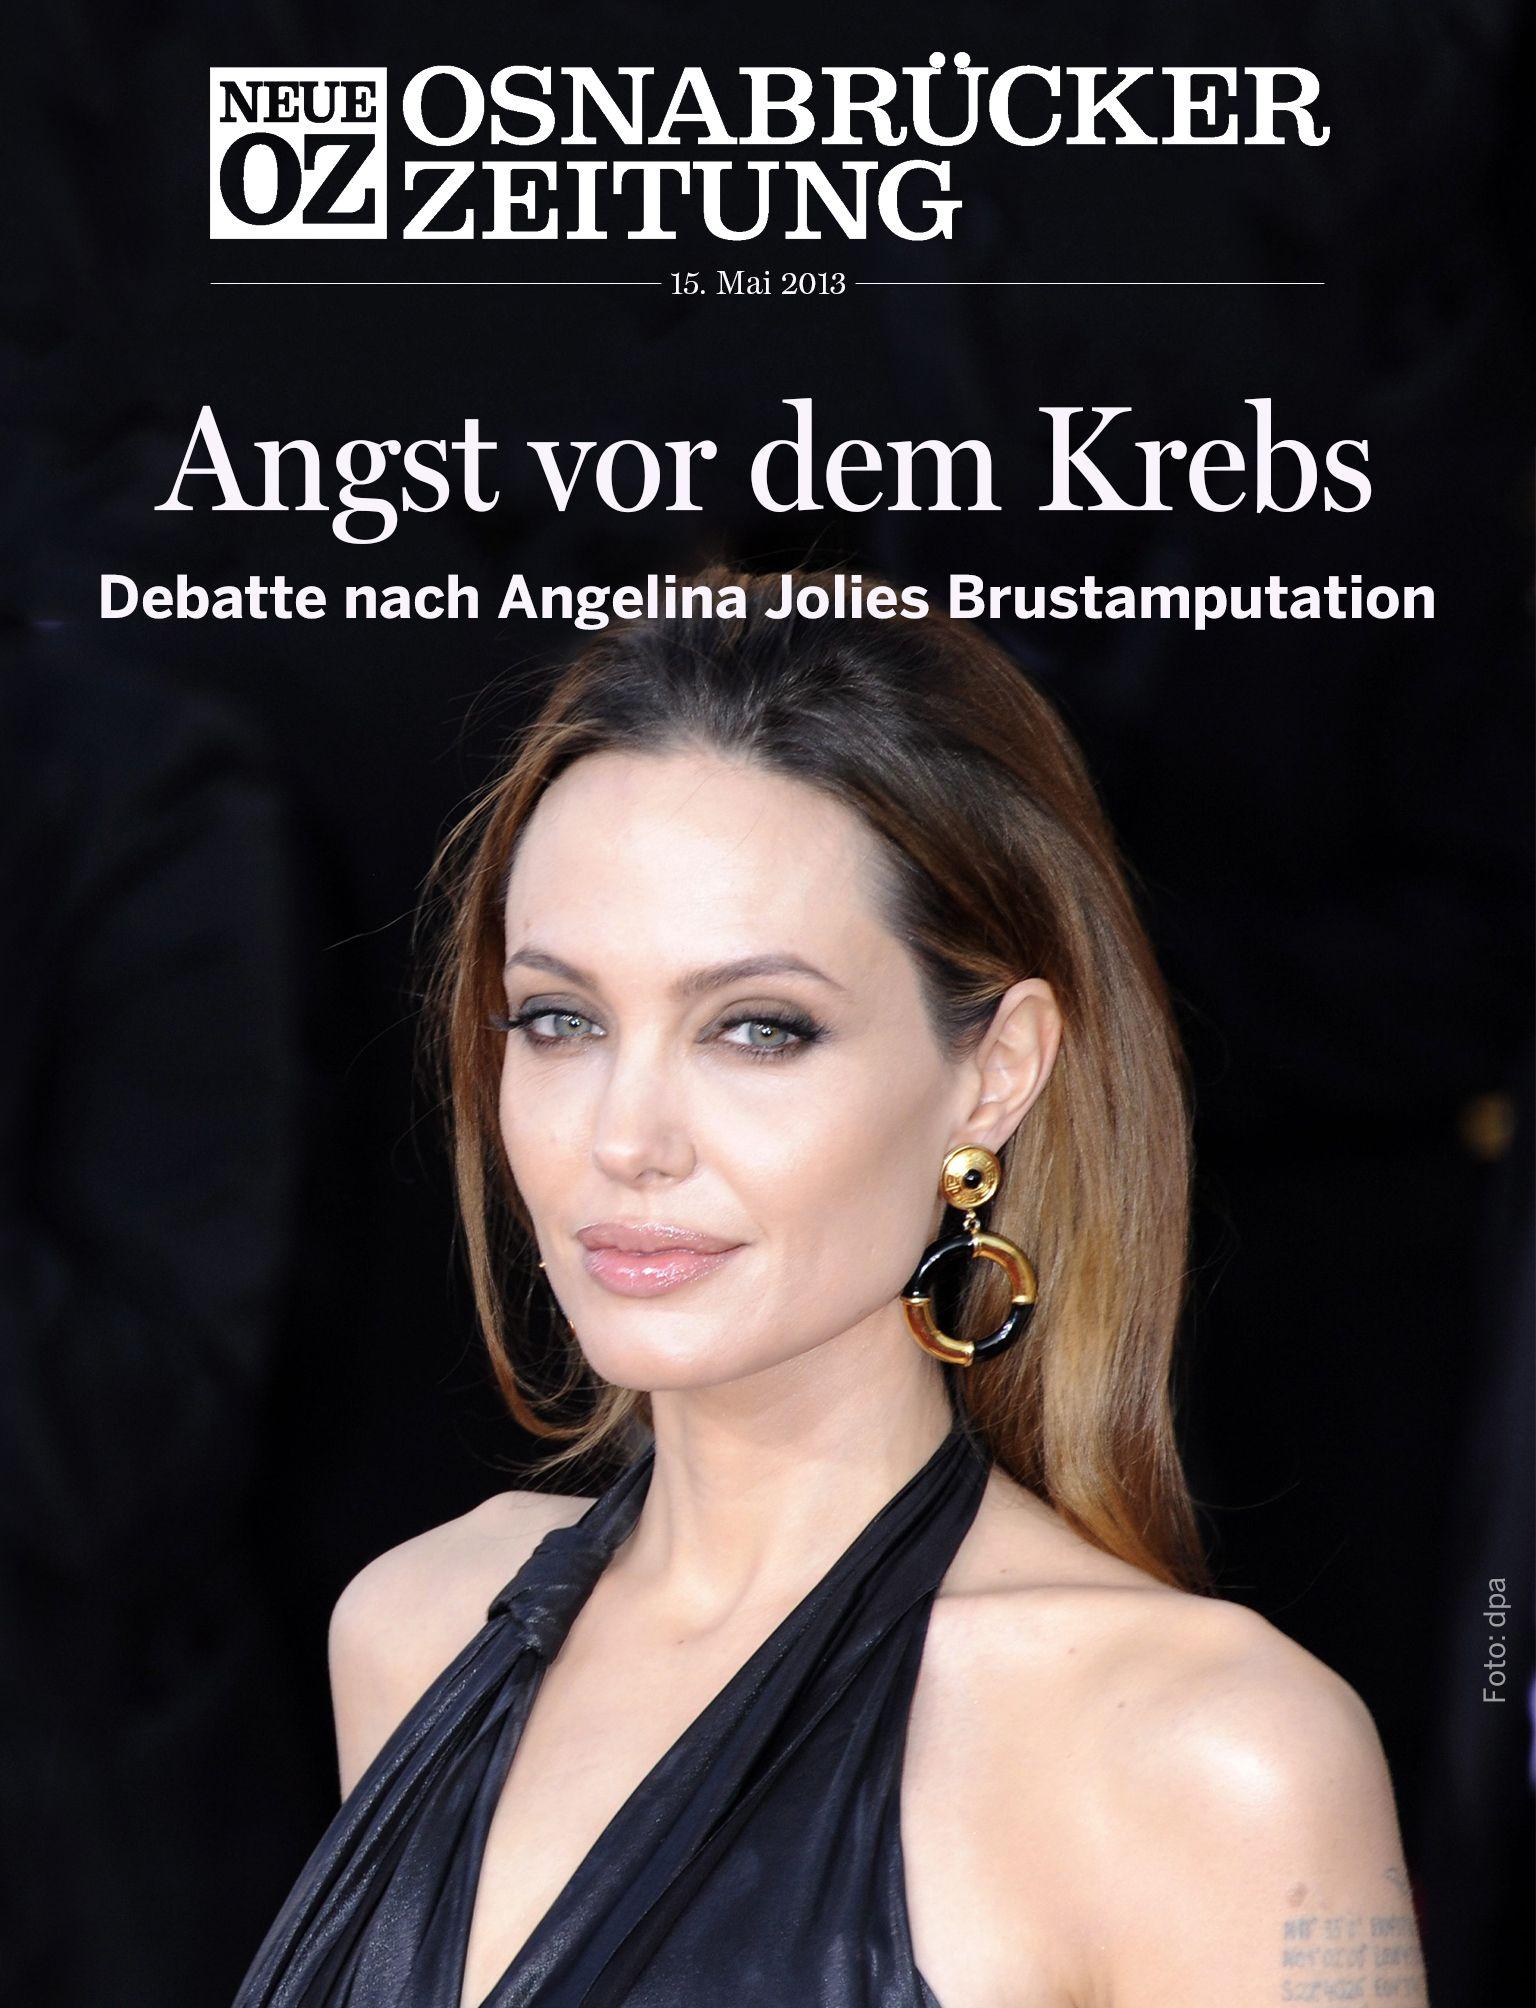 Die Angst vor dem Brustkrebs: In unserer aktuellen iPad-Ausgabe (15.05.2013) beschäftigen wir uns mit dem Feind im eigenen Körper...  www.noz.de/digitalabo